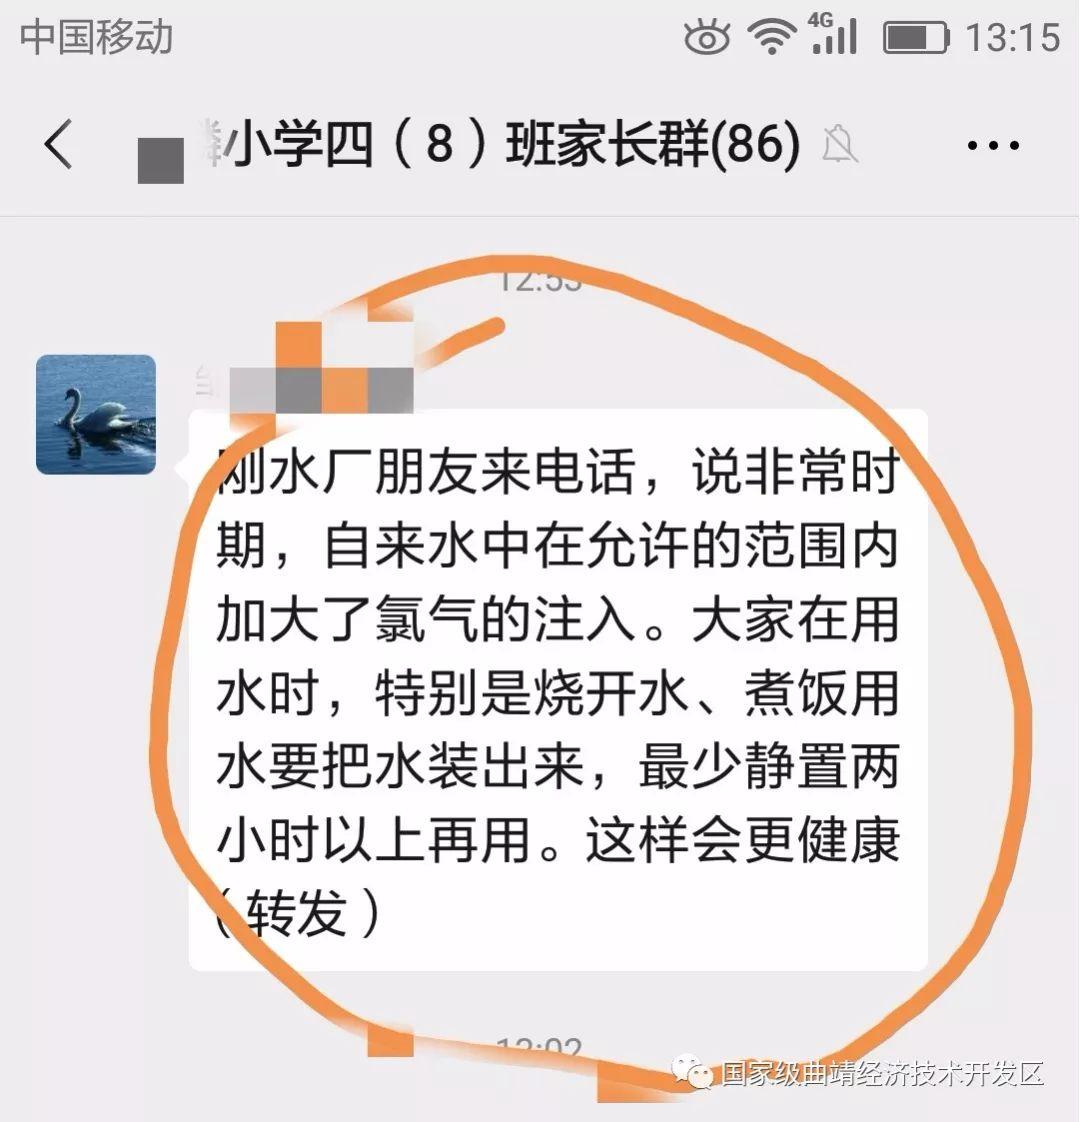 曲靖人口有多少人口_云南省有多少个县,各县有多少人口